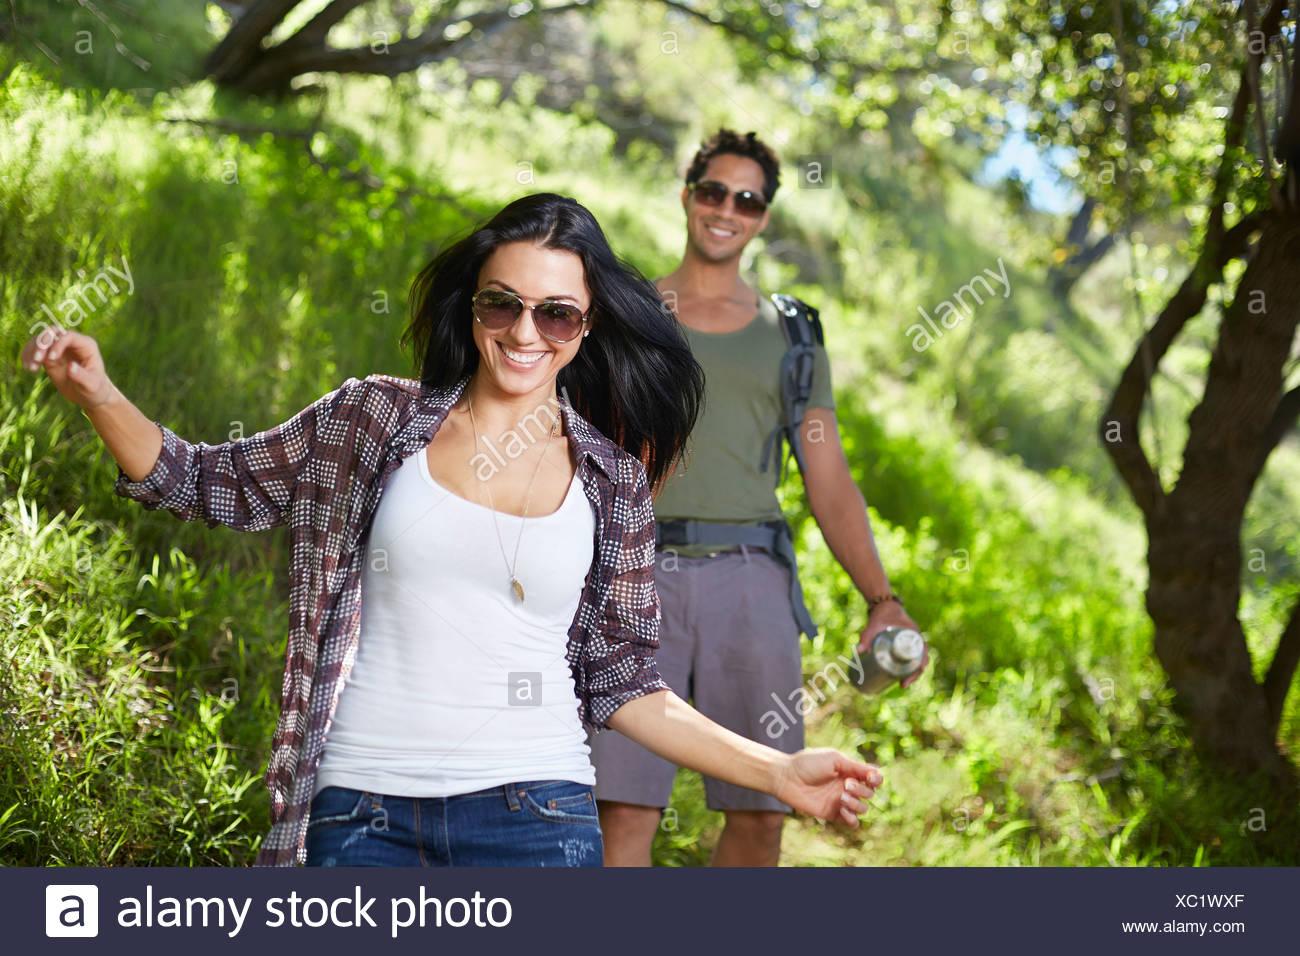 Coppia sorridente passeggiate per i boschi Immagini Stock